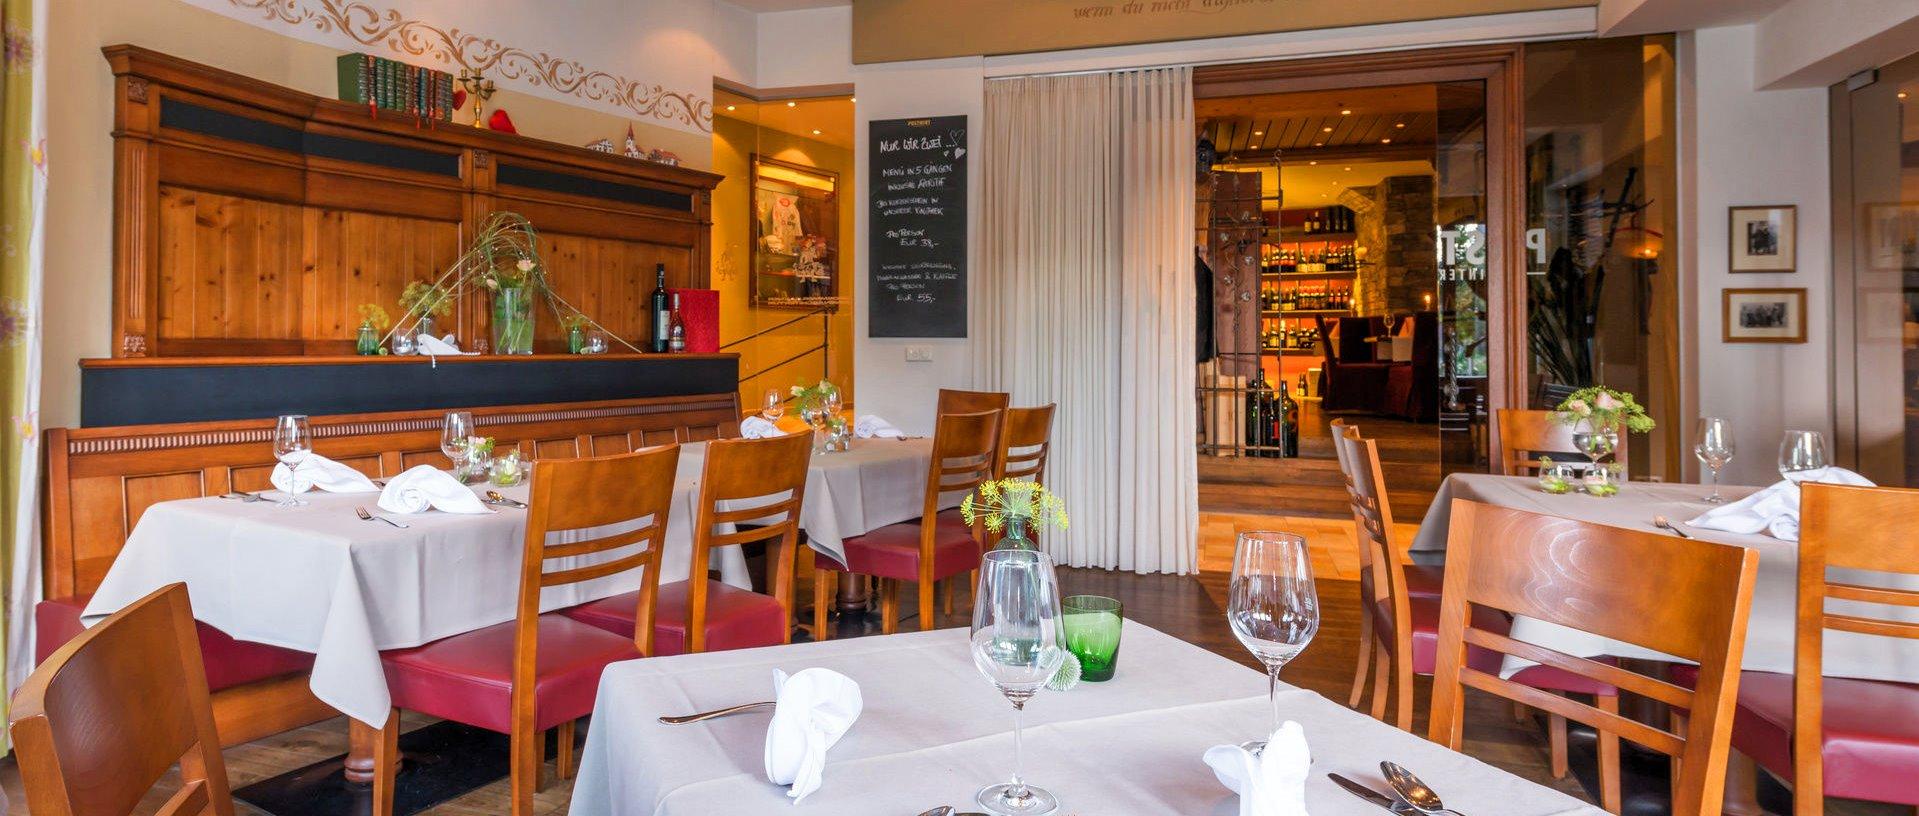 postwirt-gasthof-grafenau-restaurant-essen-gehen